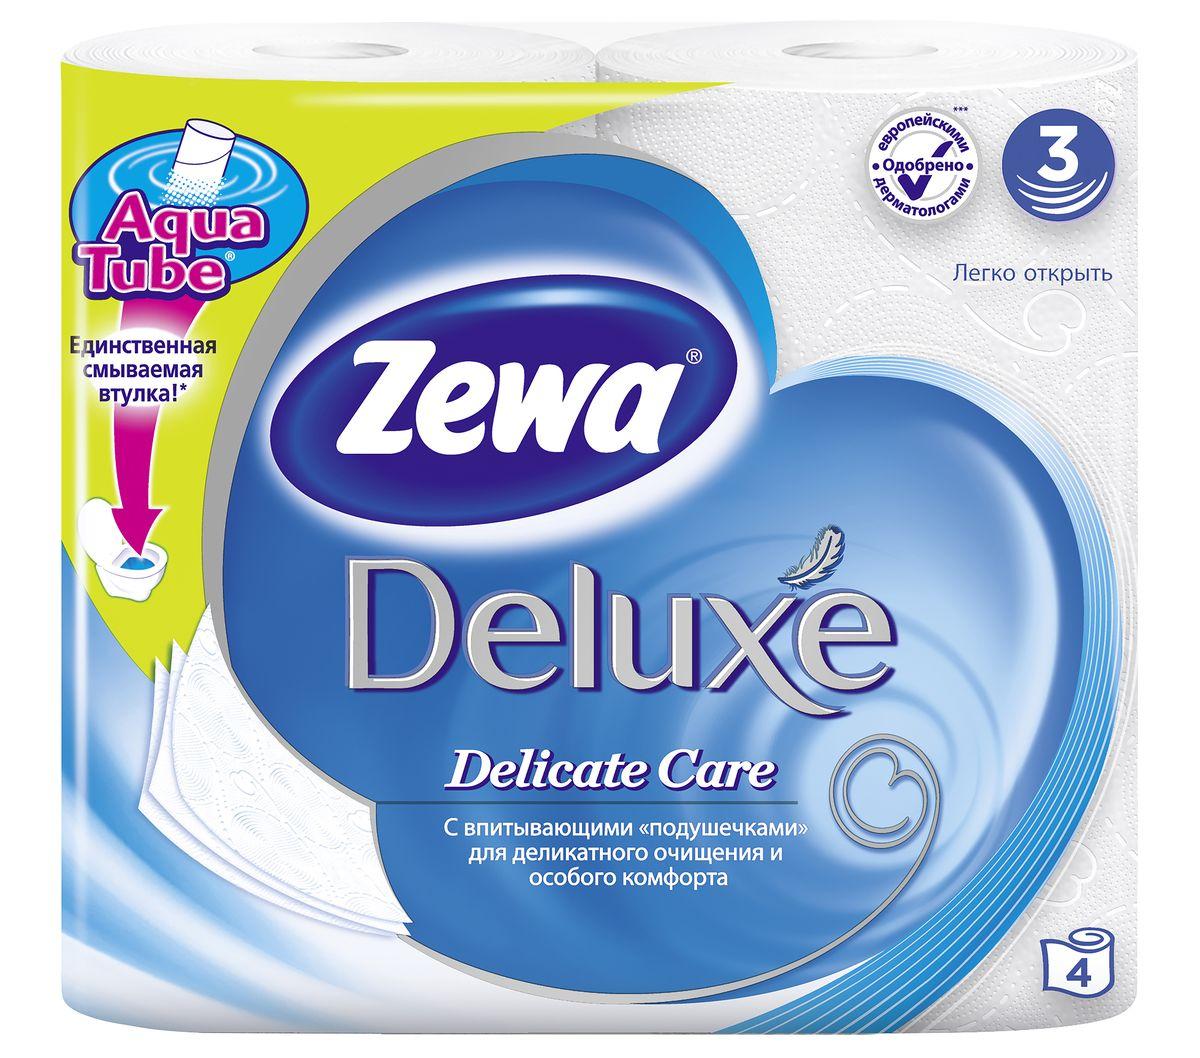 Туалетная бумага Zewa Deluxe Белая, 3 слоя, 4 рулона3228Подарите себе удовольствие от ежедневного ухода за собой. Zewa Deluxe с новыми впитывающими подушечками деликатно очищает и нежно заботится о вашей коже. Мягкость, Забота, Комфорт – вашей коже это понравится! Сенсация! Со смываемой втулкой Aqua Tube! Белая 3-х слойная туалетная бумага без аромата 4 рулона в упаковке Состав: целлюлоза Производство: Россия